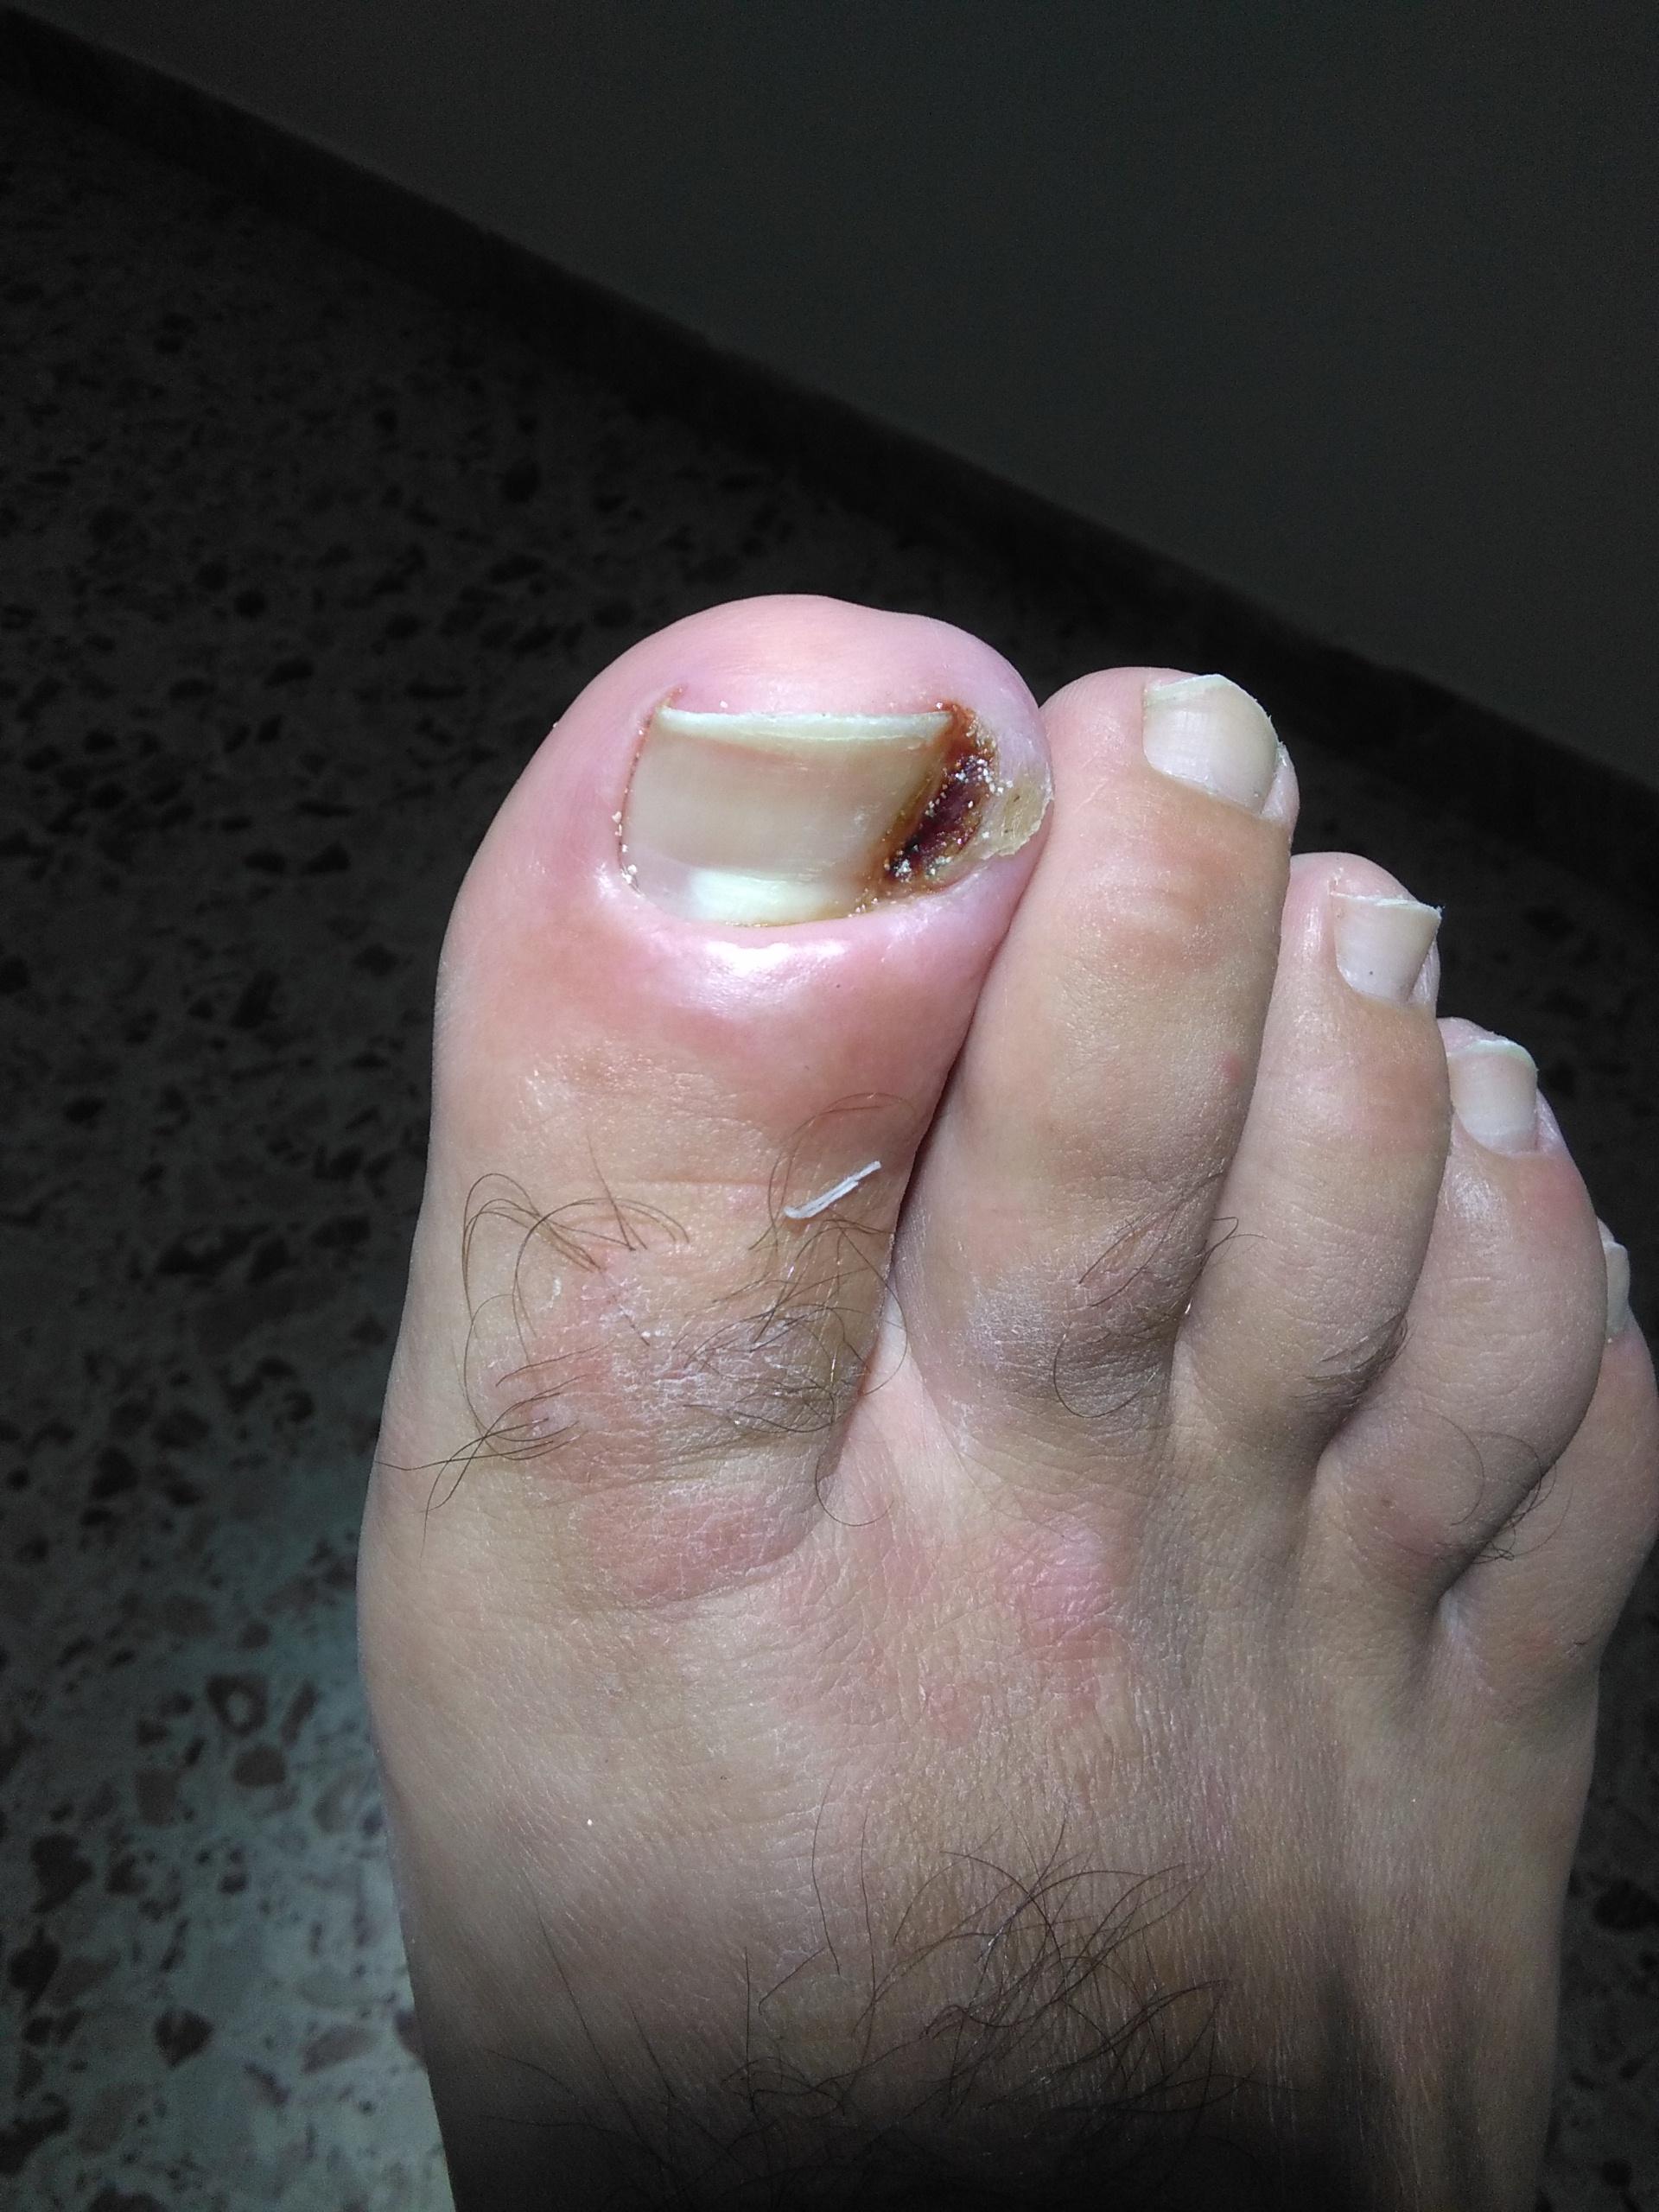 Come il fungo su occhiate di unghie di gamba